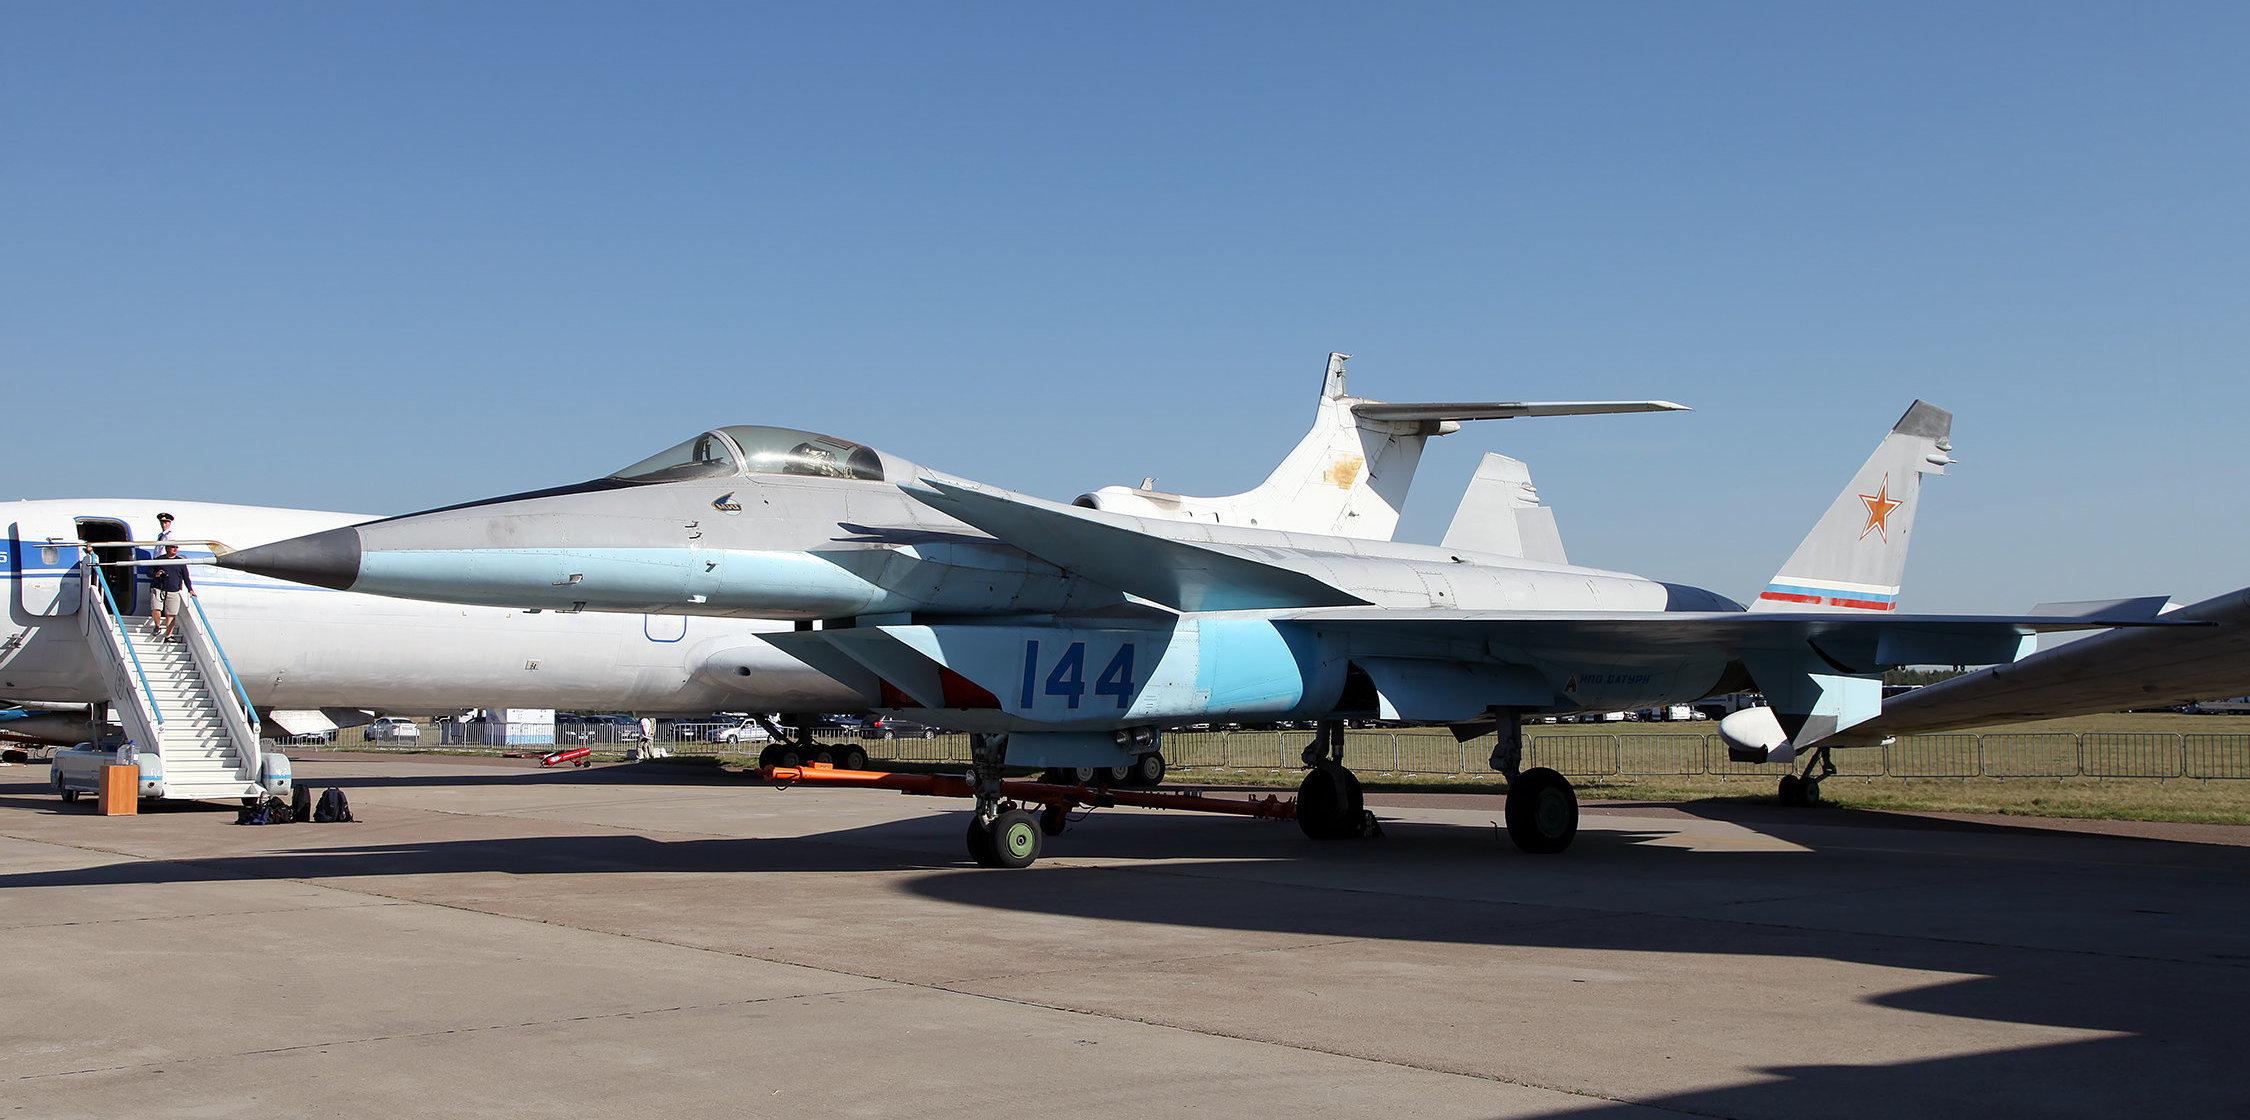 El prototipo del MiG 1.44 durante la feria aeroespacial MAKS-2015